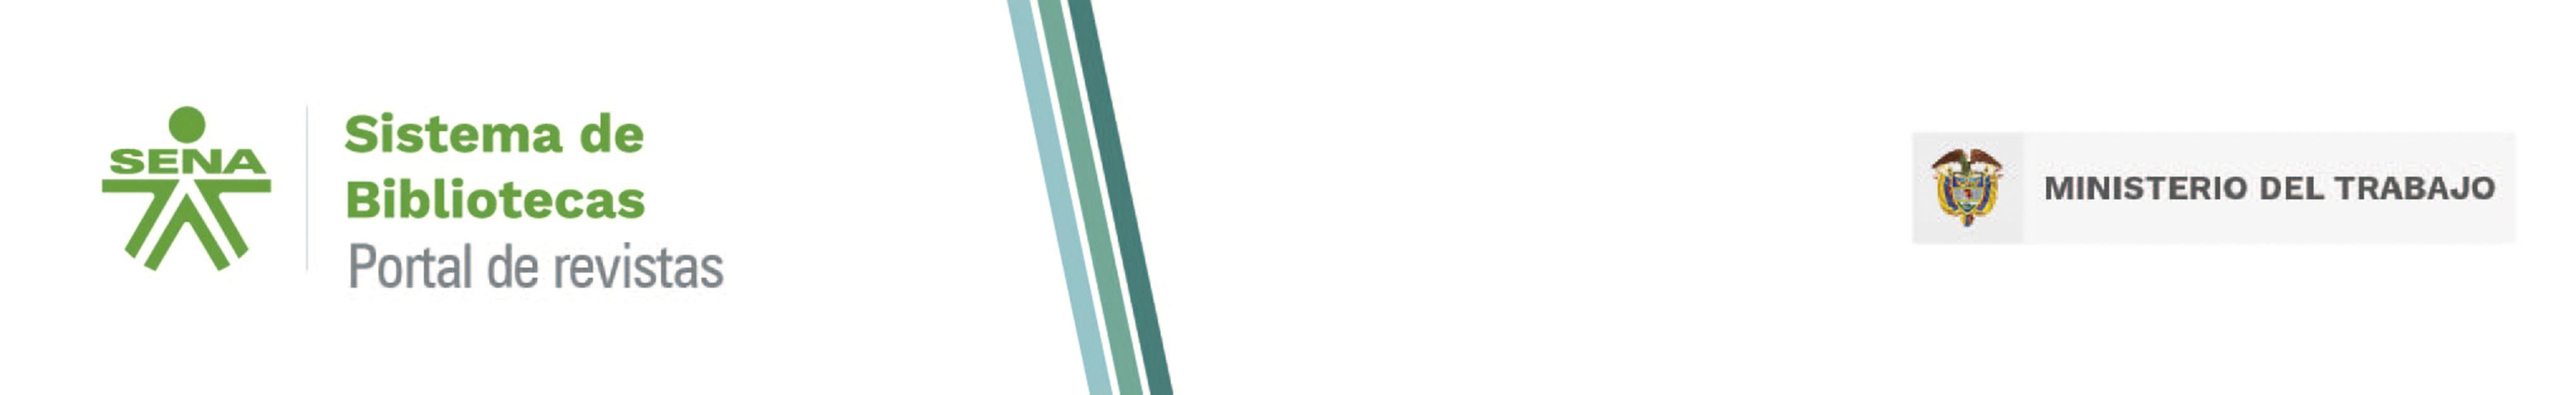 Logo del Encabezado de la Página